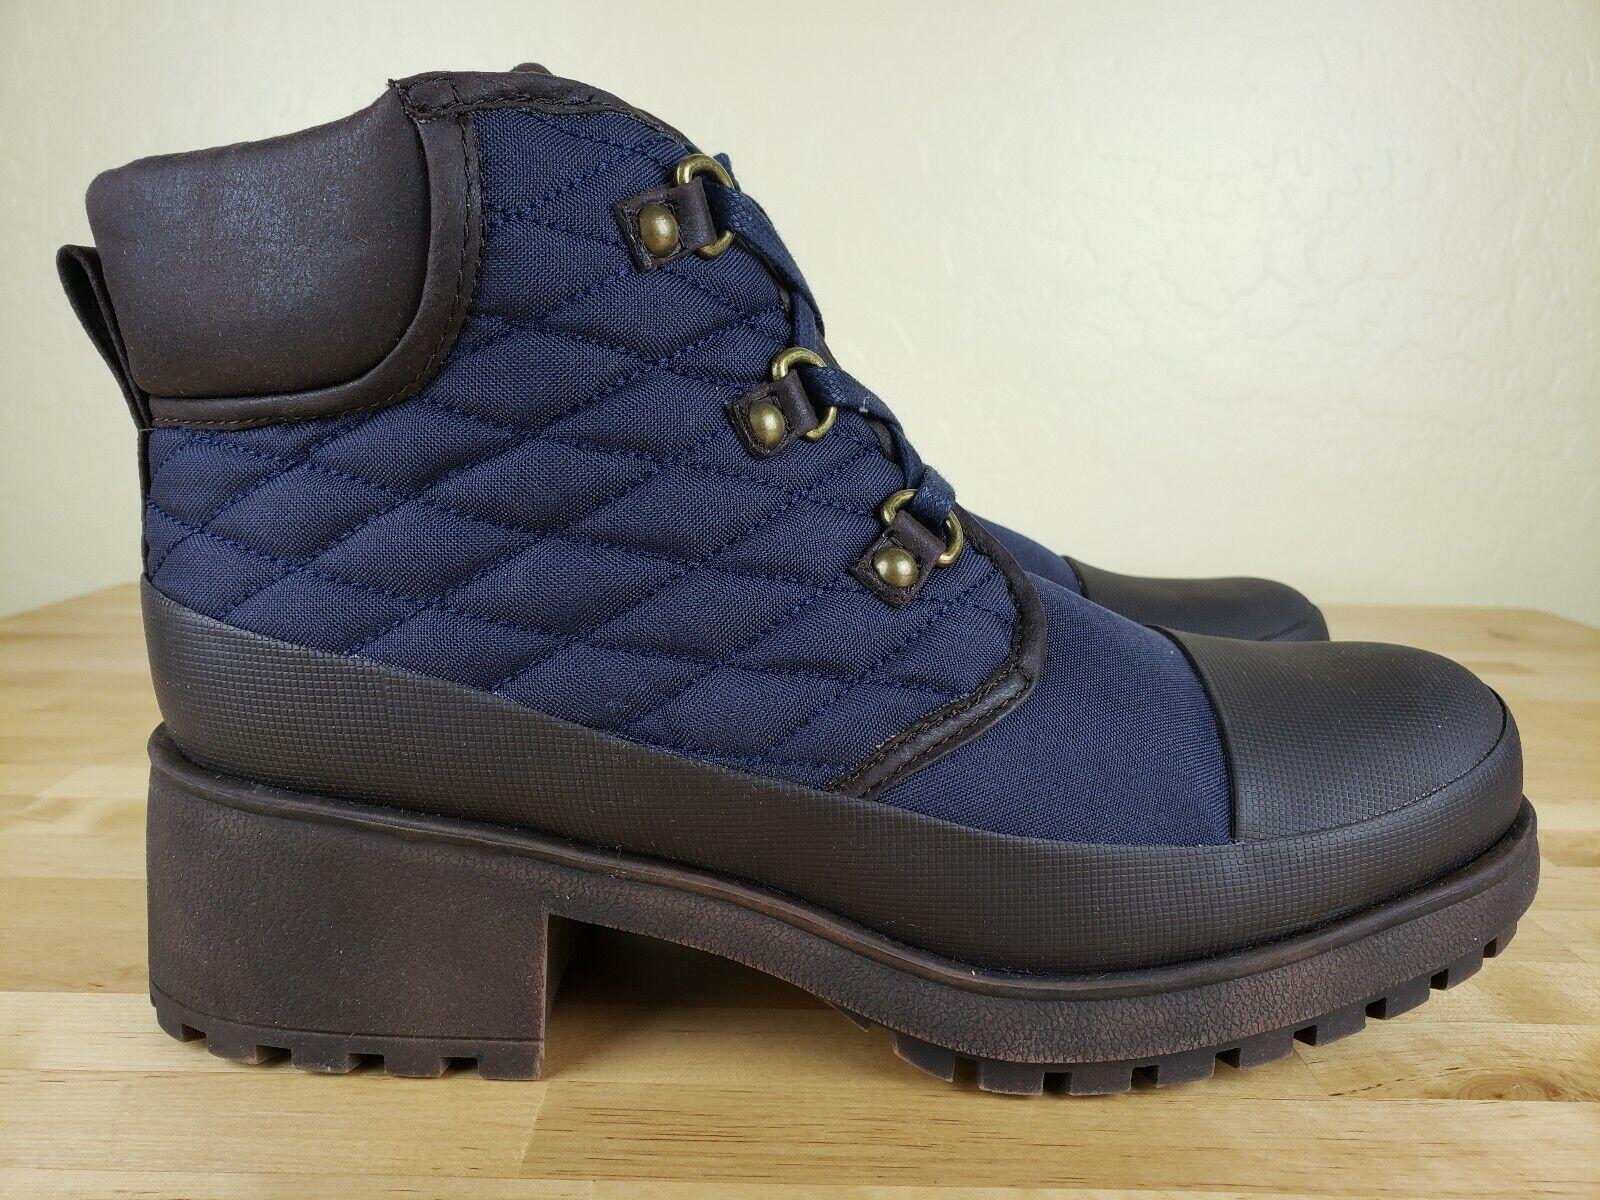 Lucky Brand akonn botas de combate para mujer Talla 9 Botines Acolchado Azul Piel Sintética